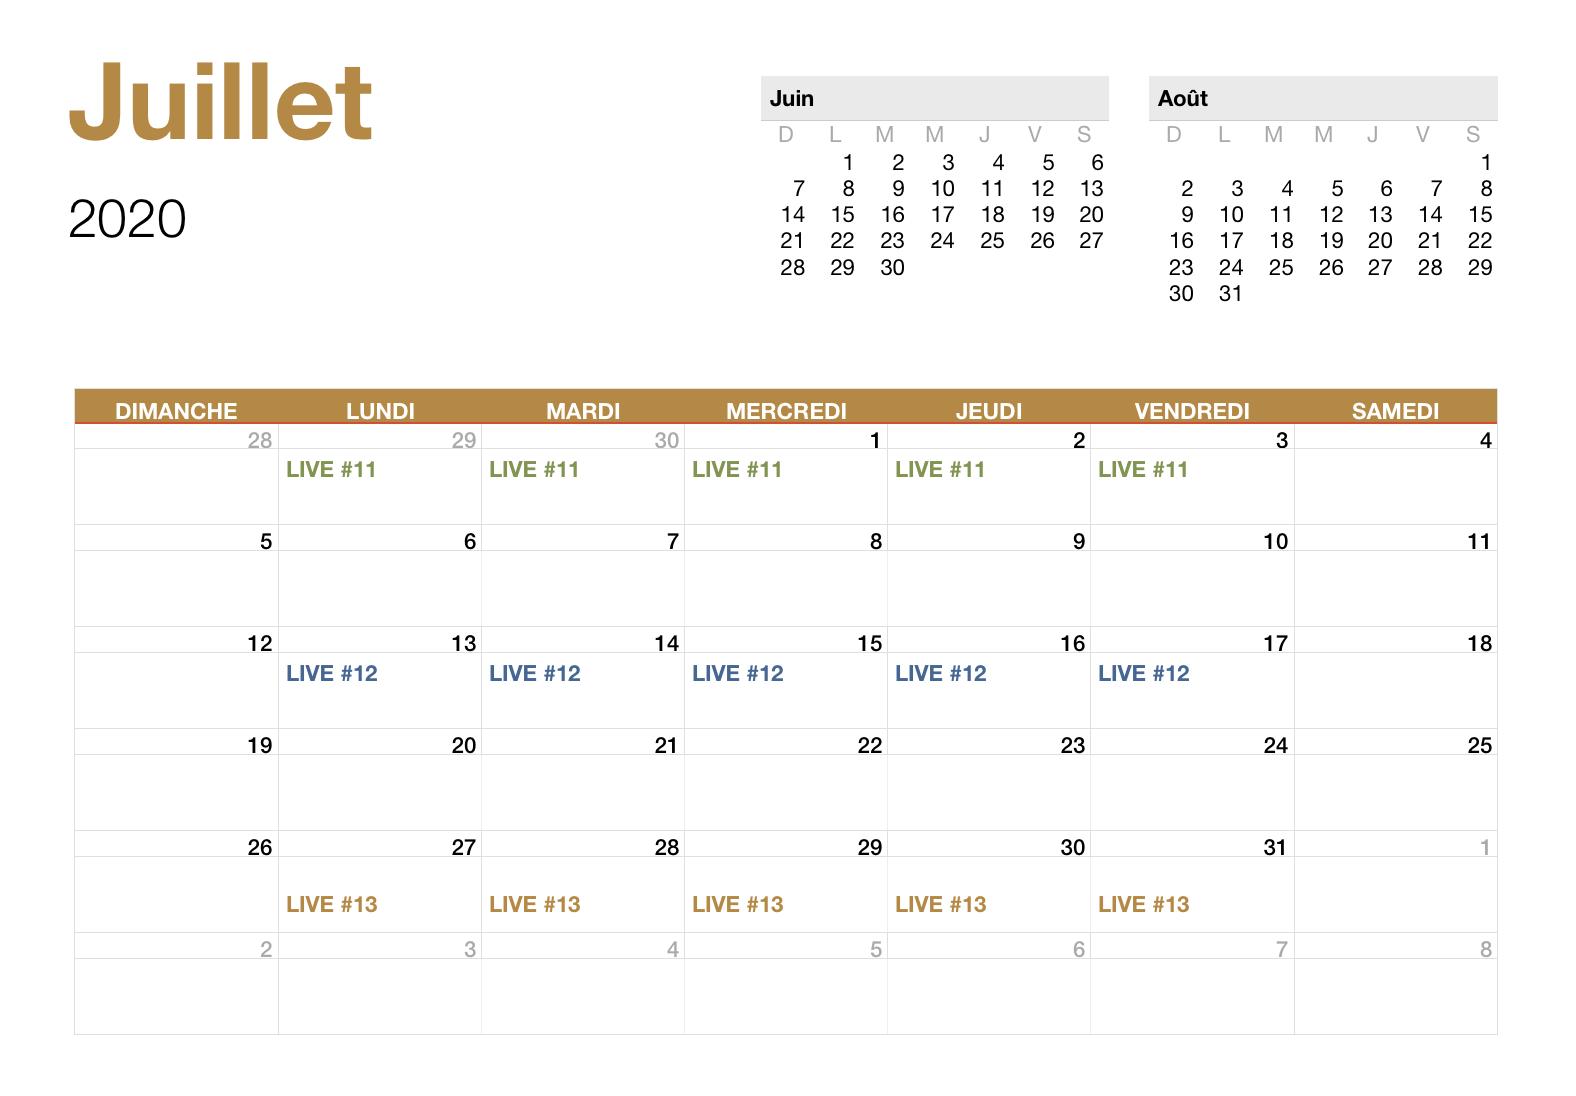 Juillet - 2020